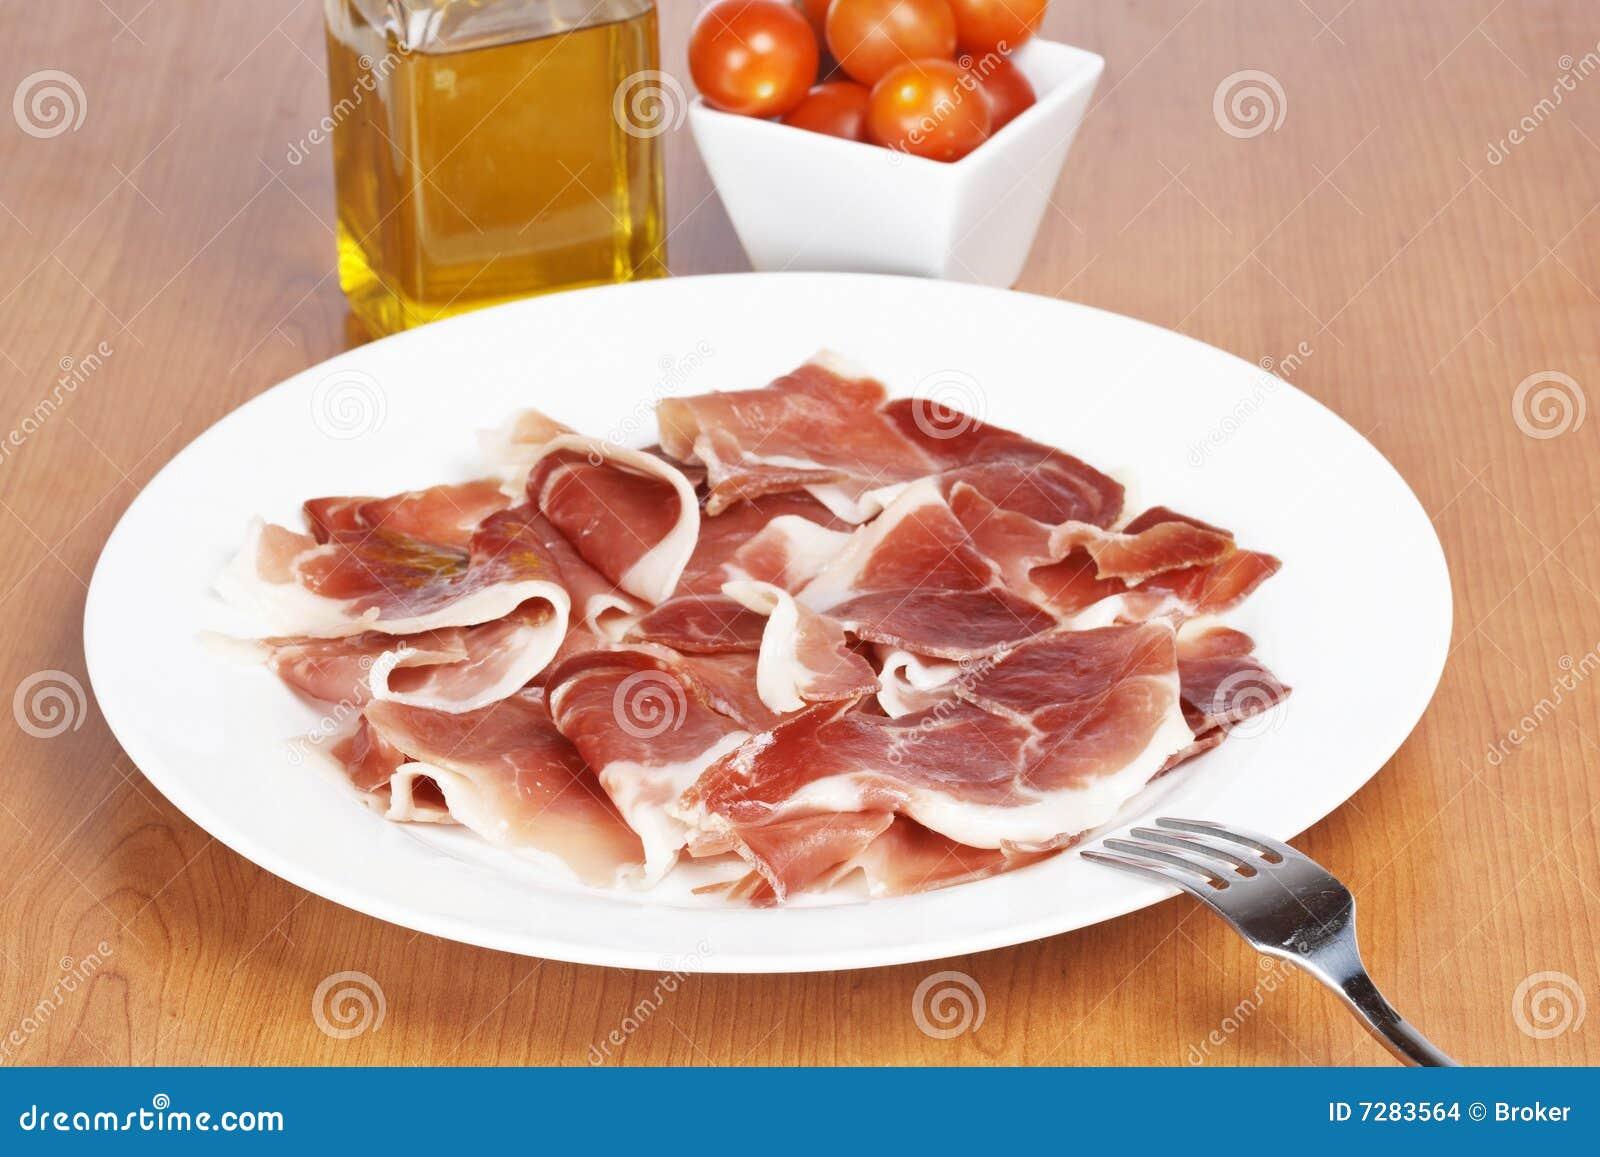 Rebanadas de jamón español